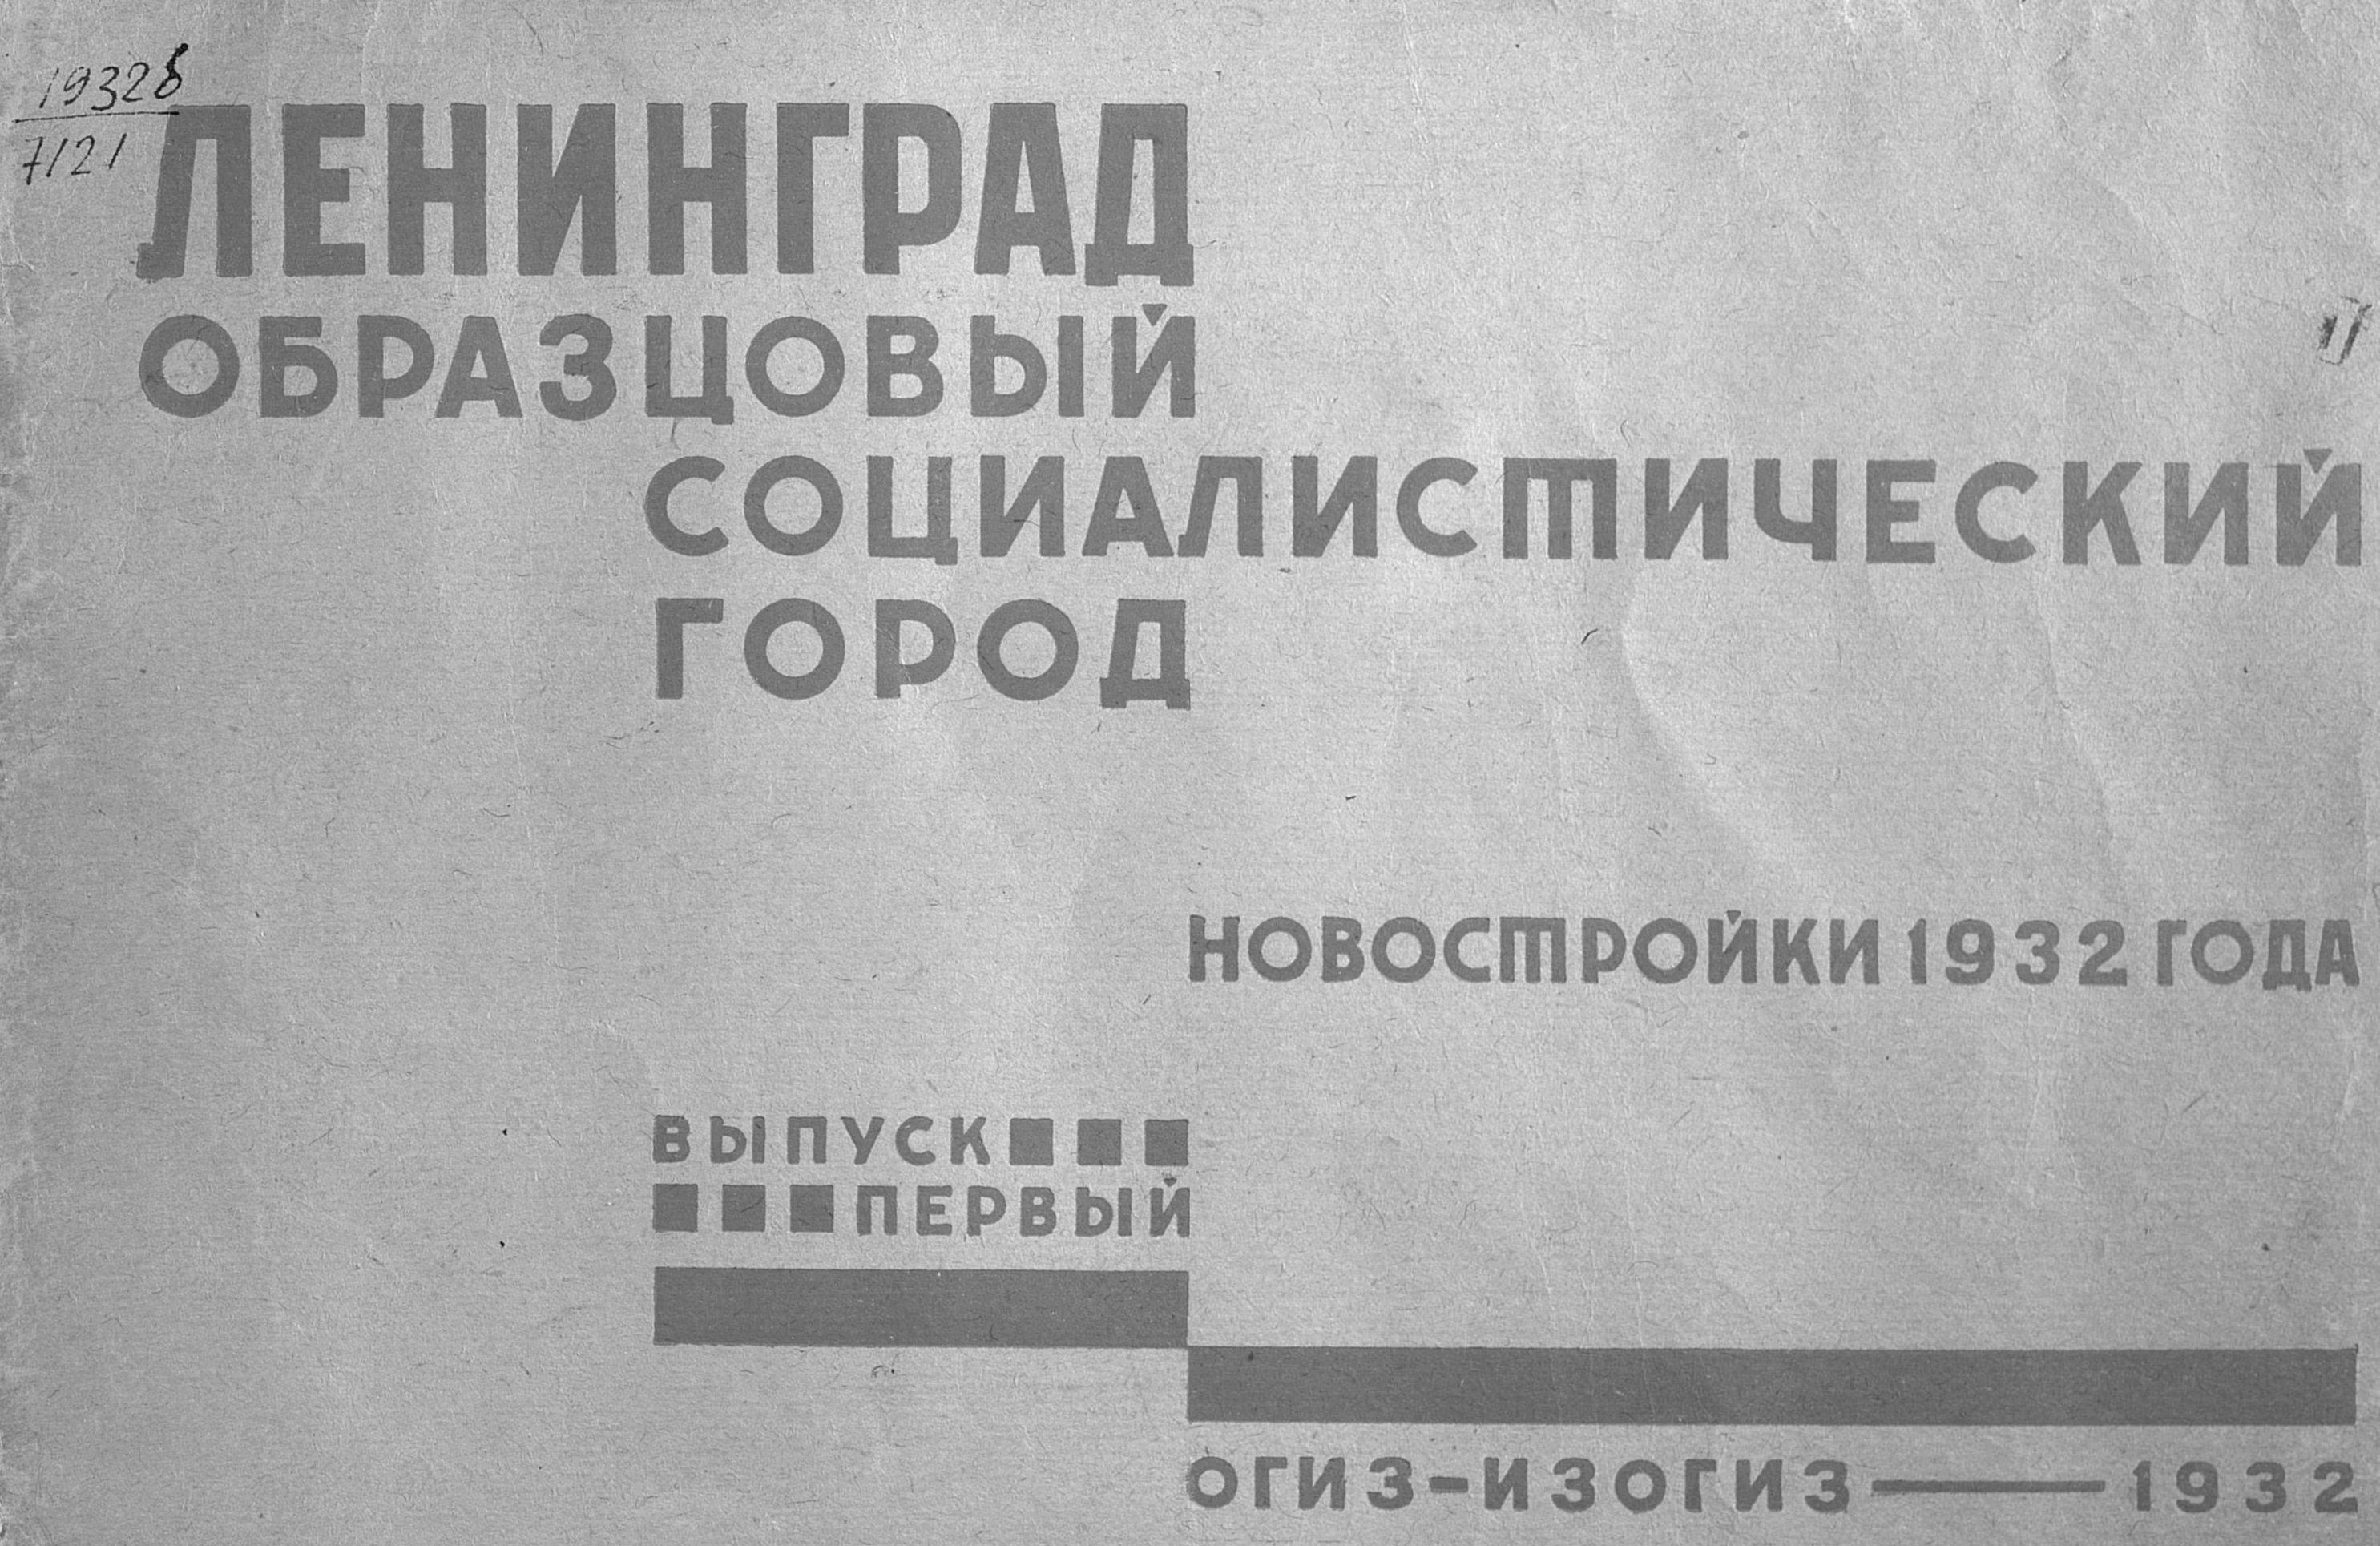 Ленинград - образцовый социалистический город